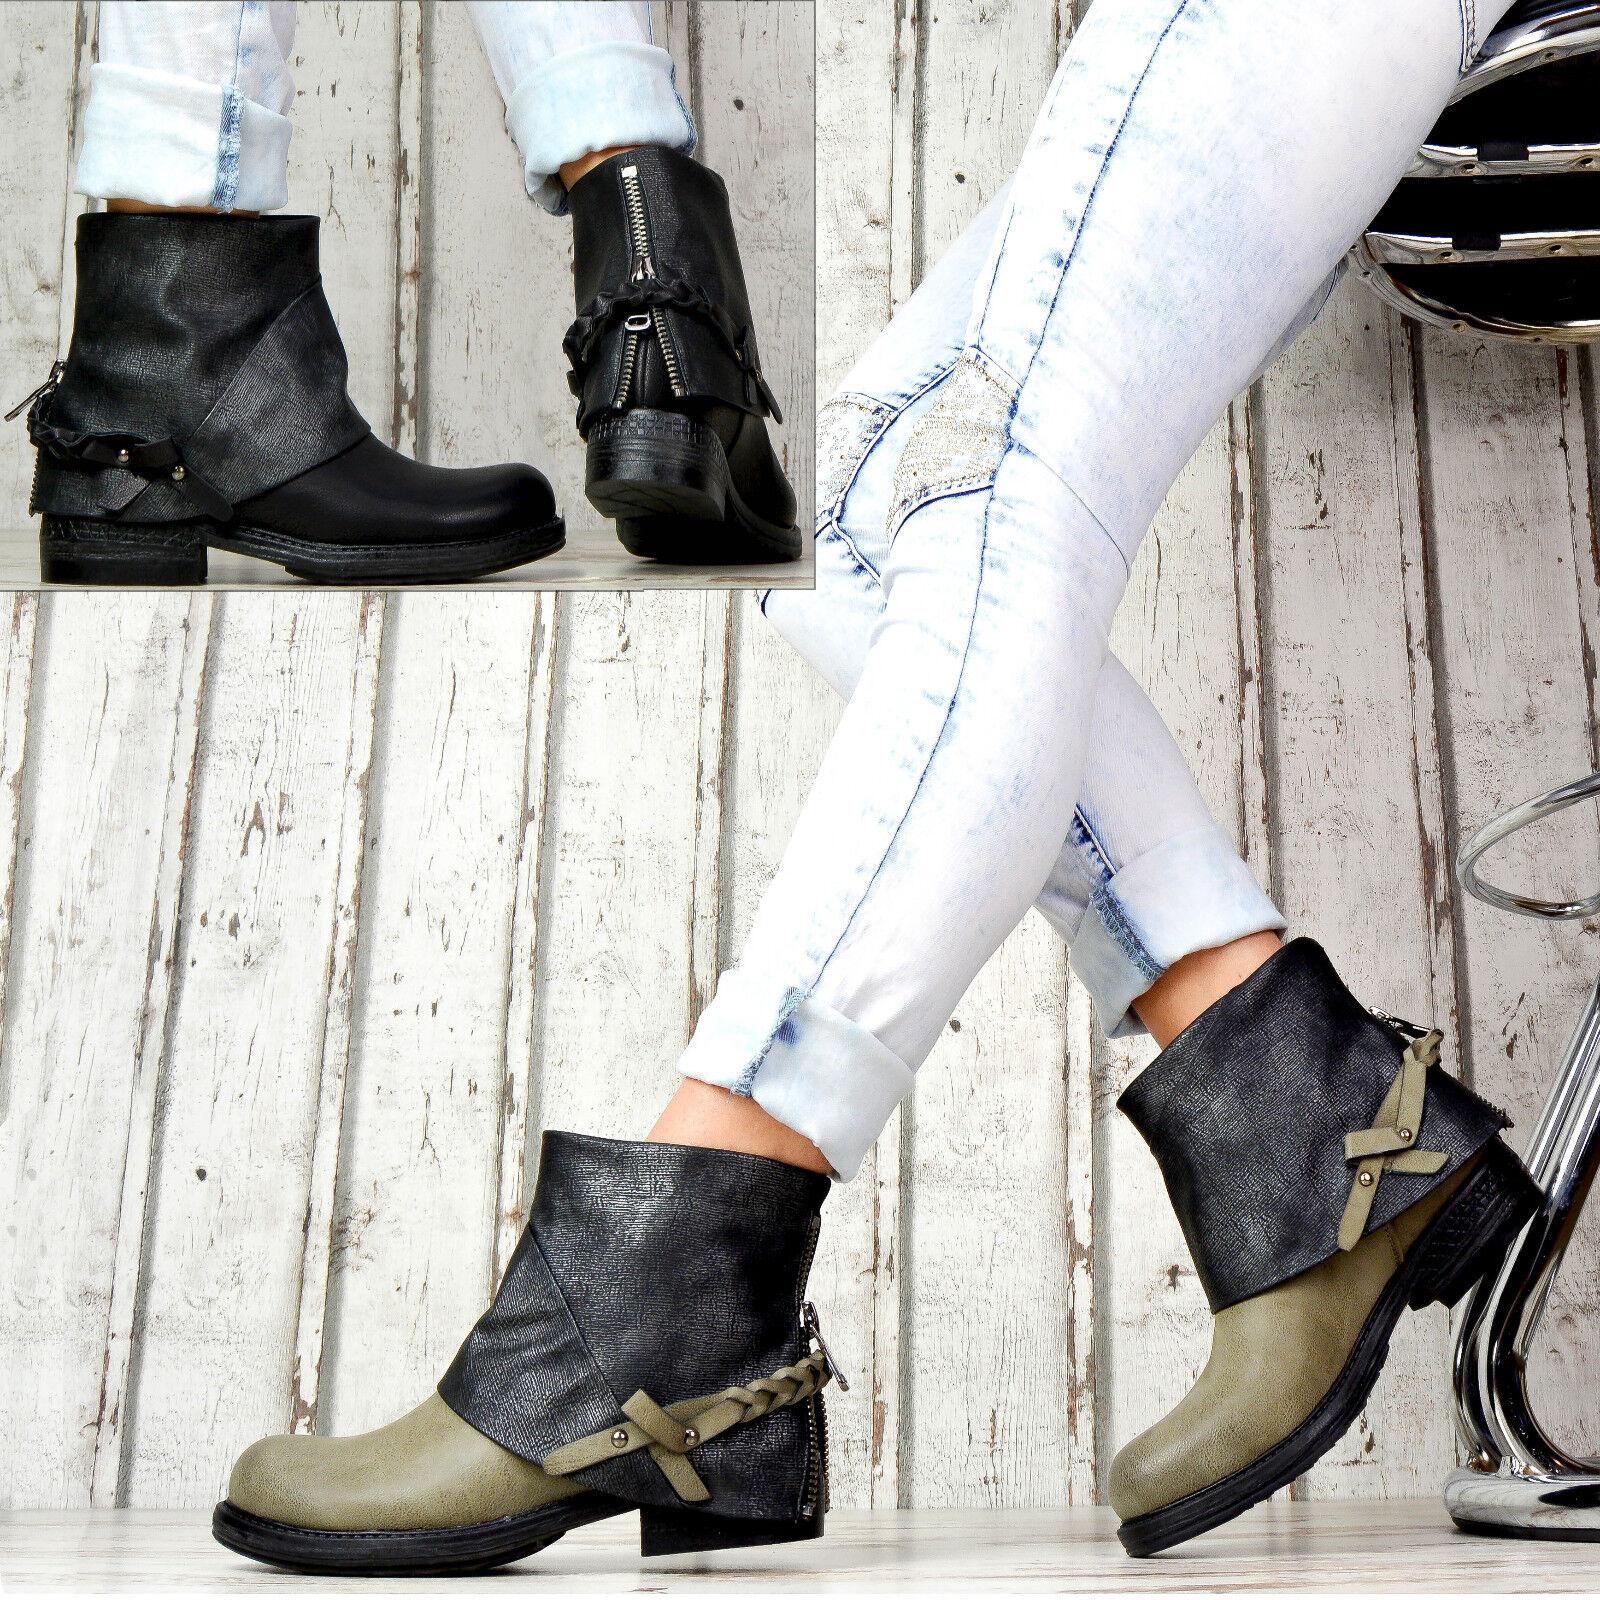 DESIGNER DAMEN zapatos zapatos zapatos BIKER botas METALLIC STIEFELETTEN MIT NIETEN SCHNALLEN add2f8